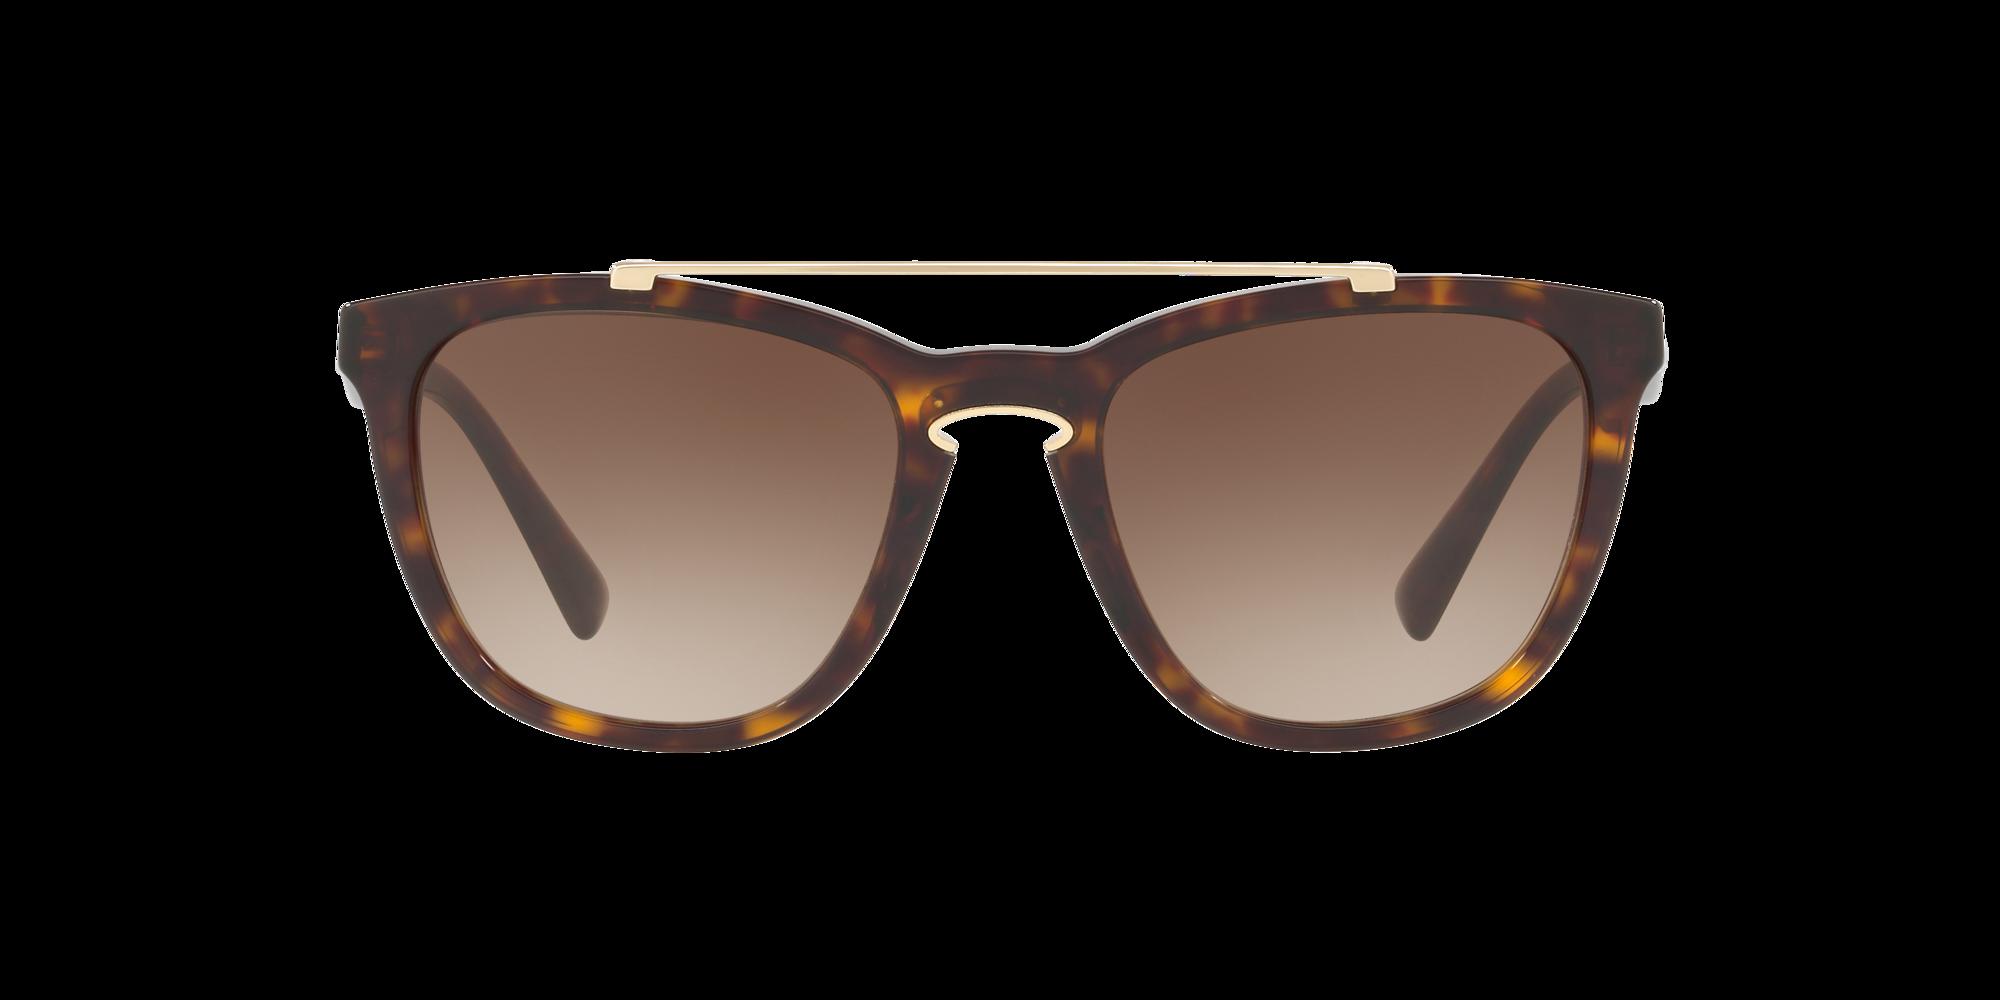 Imagen para VA4002 54 de LensCrafters |  Espejuelos, espejuelos graduados en línea, gafas